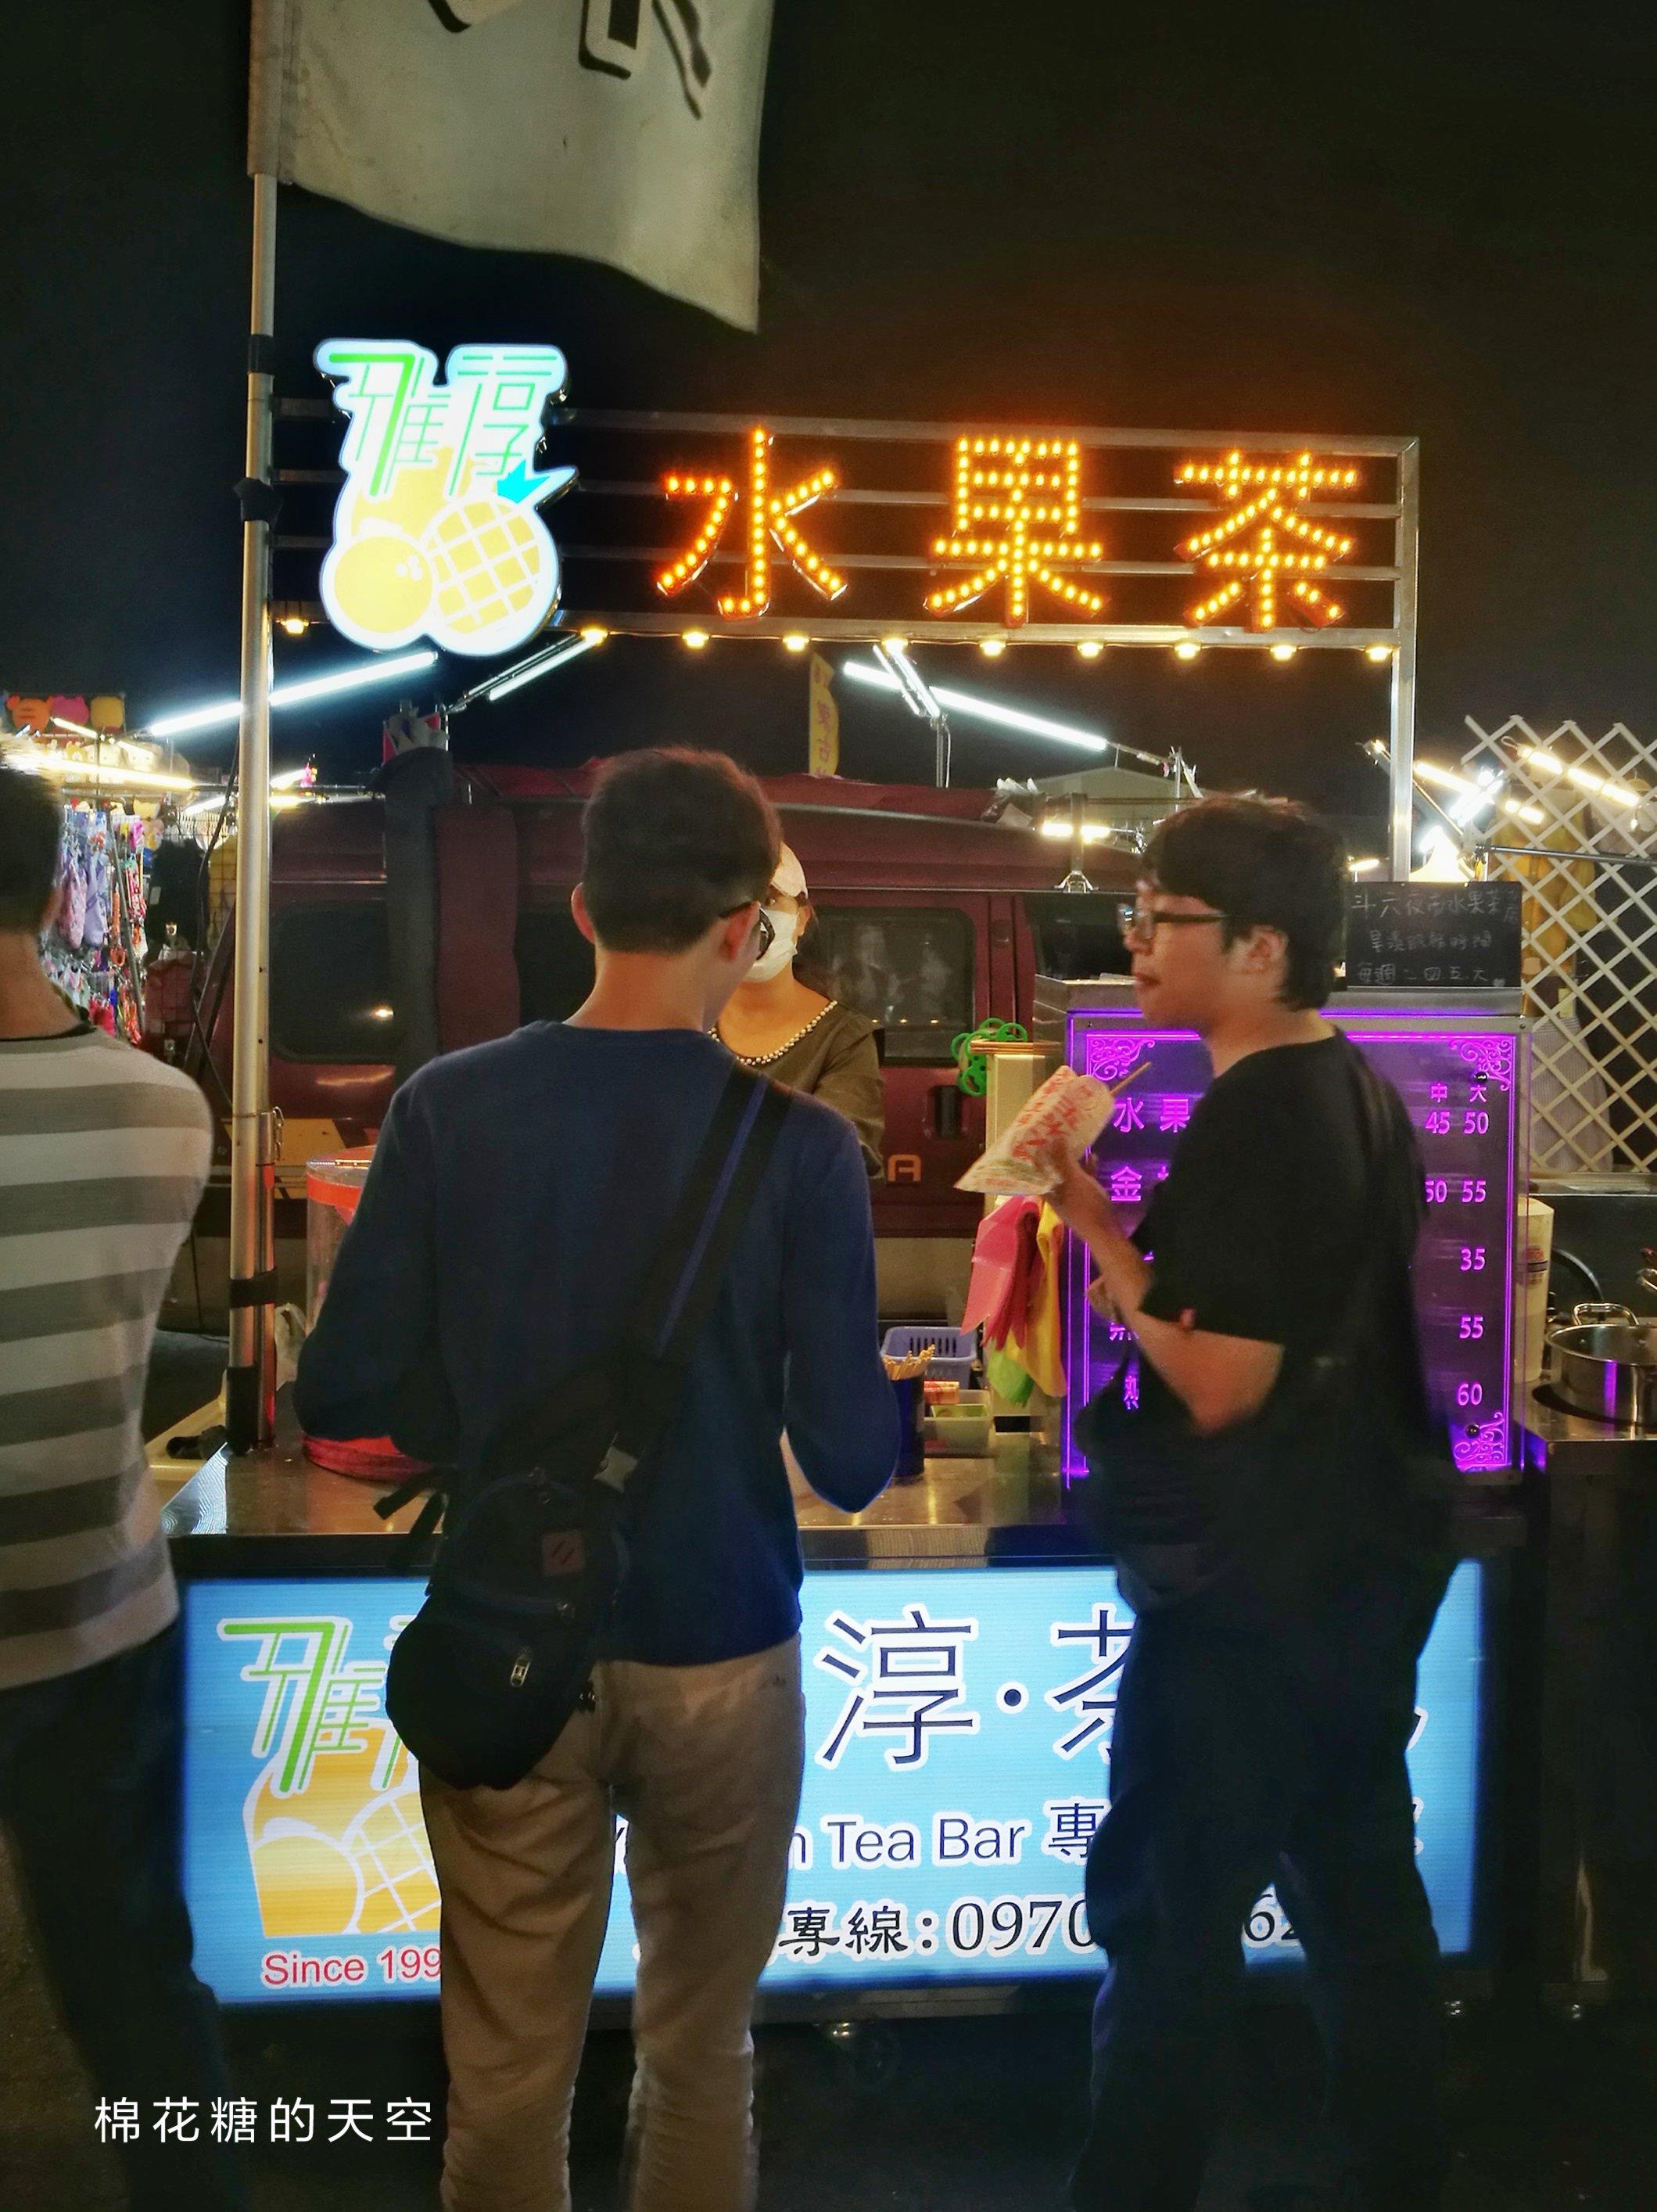 旱溪夜市排隊美食-現煮雅淳水果茶酸甜風味還吃得到大塊鳳梨喔